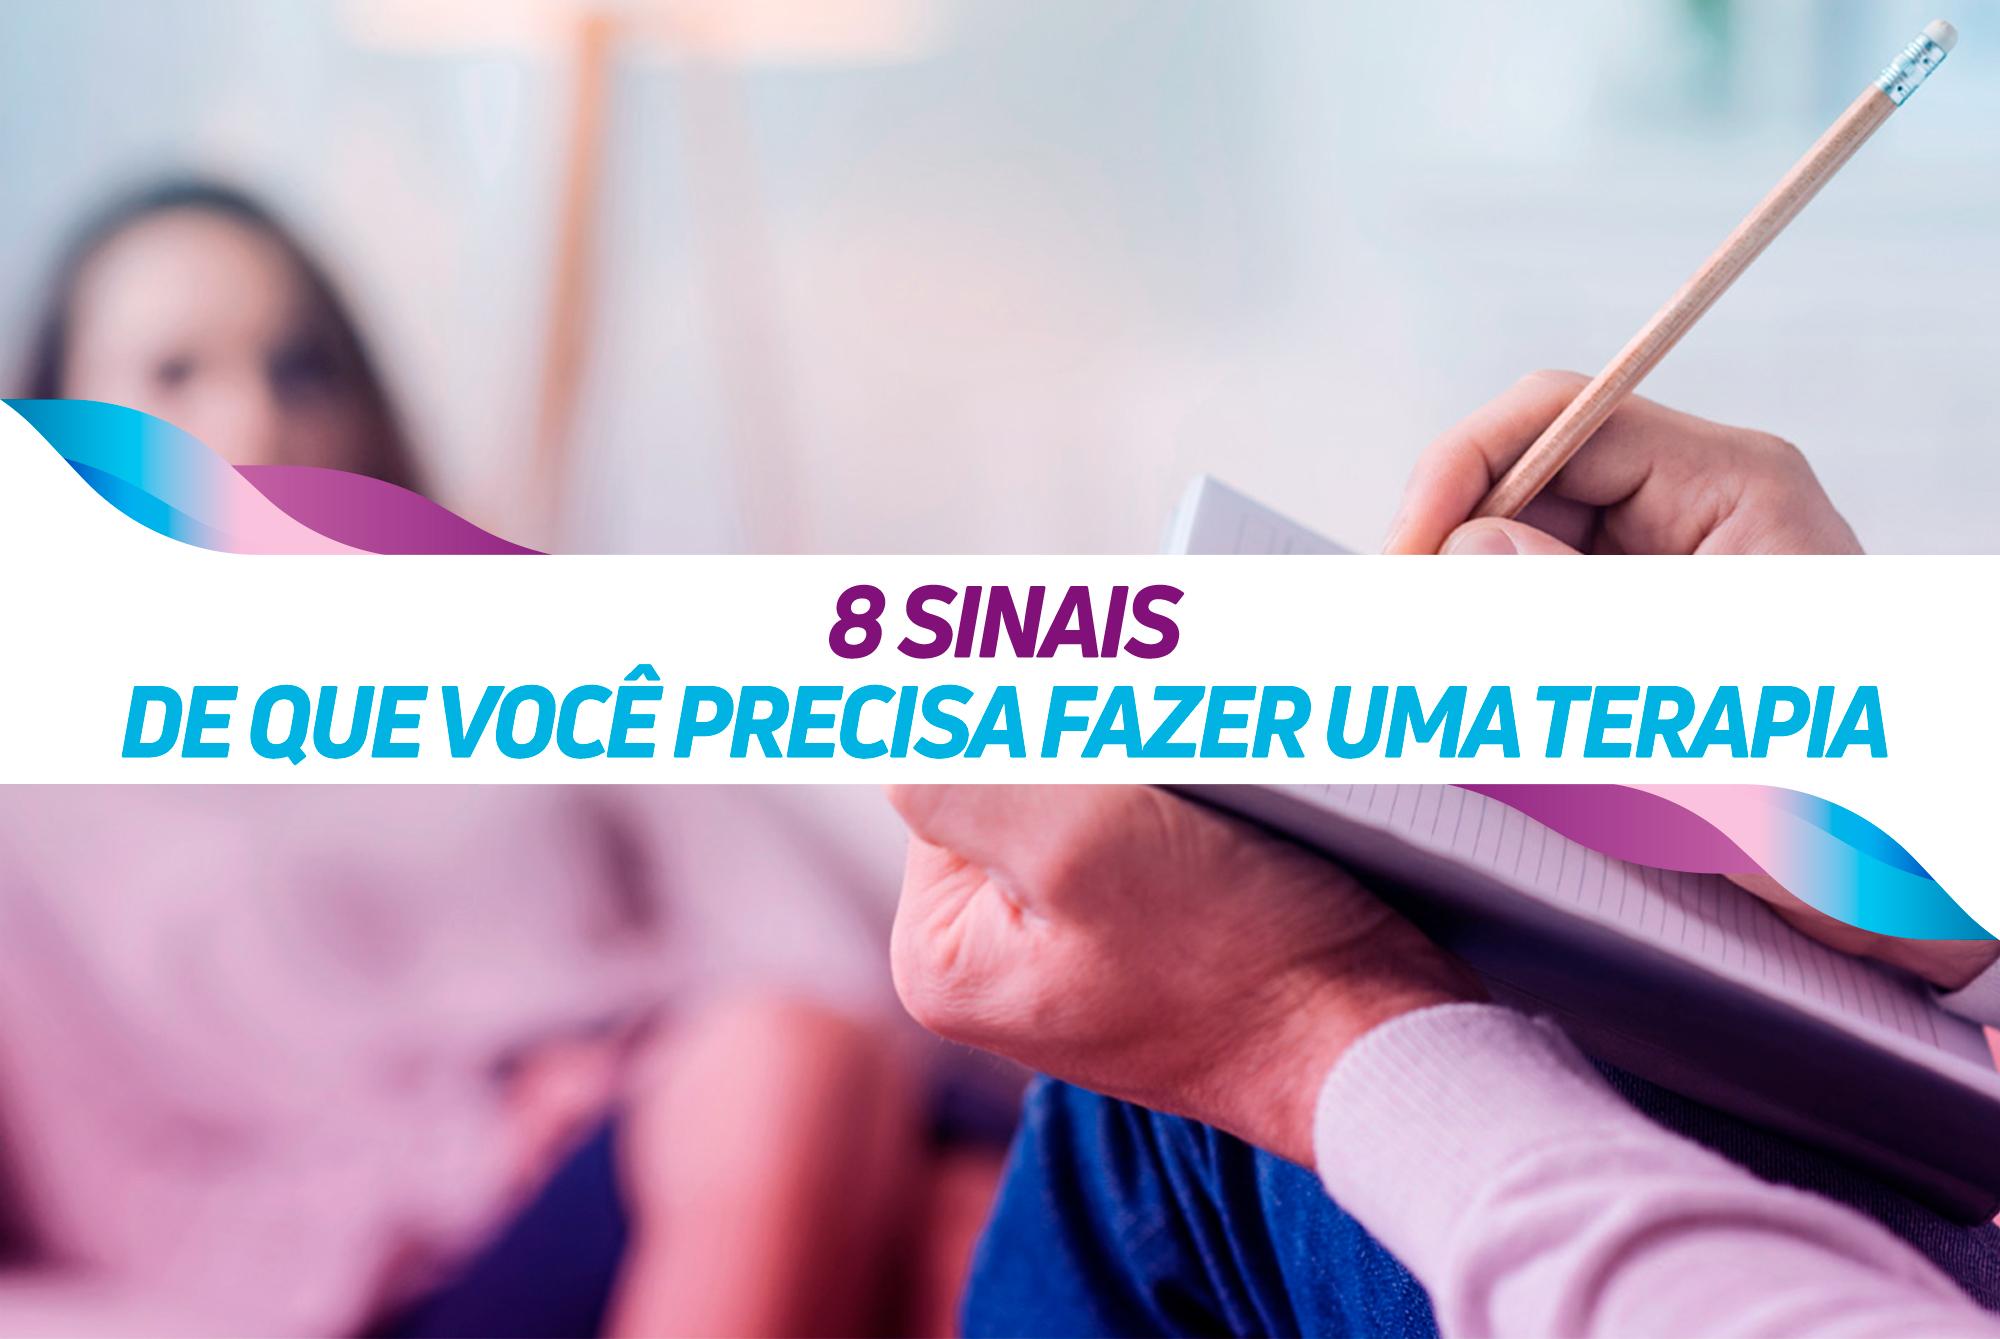 8 SINAIS DE QUE VOCÊ PRECISA DE TERAPIA